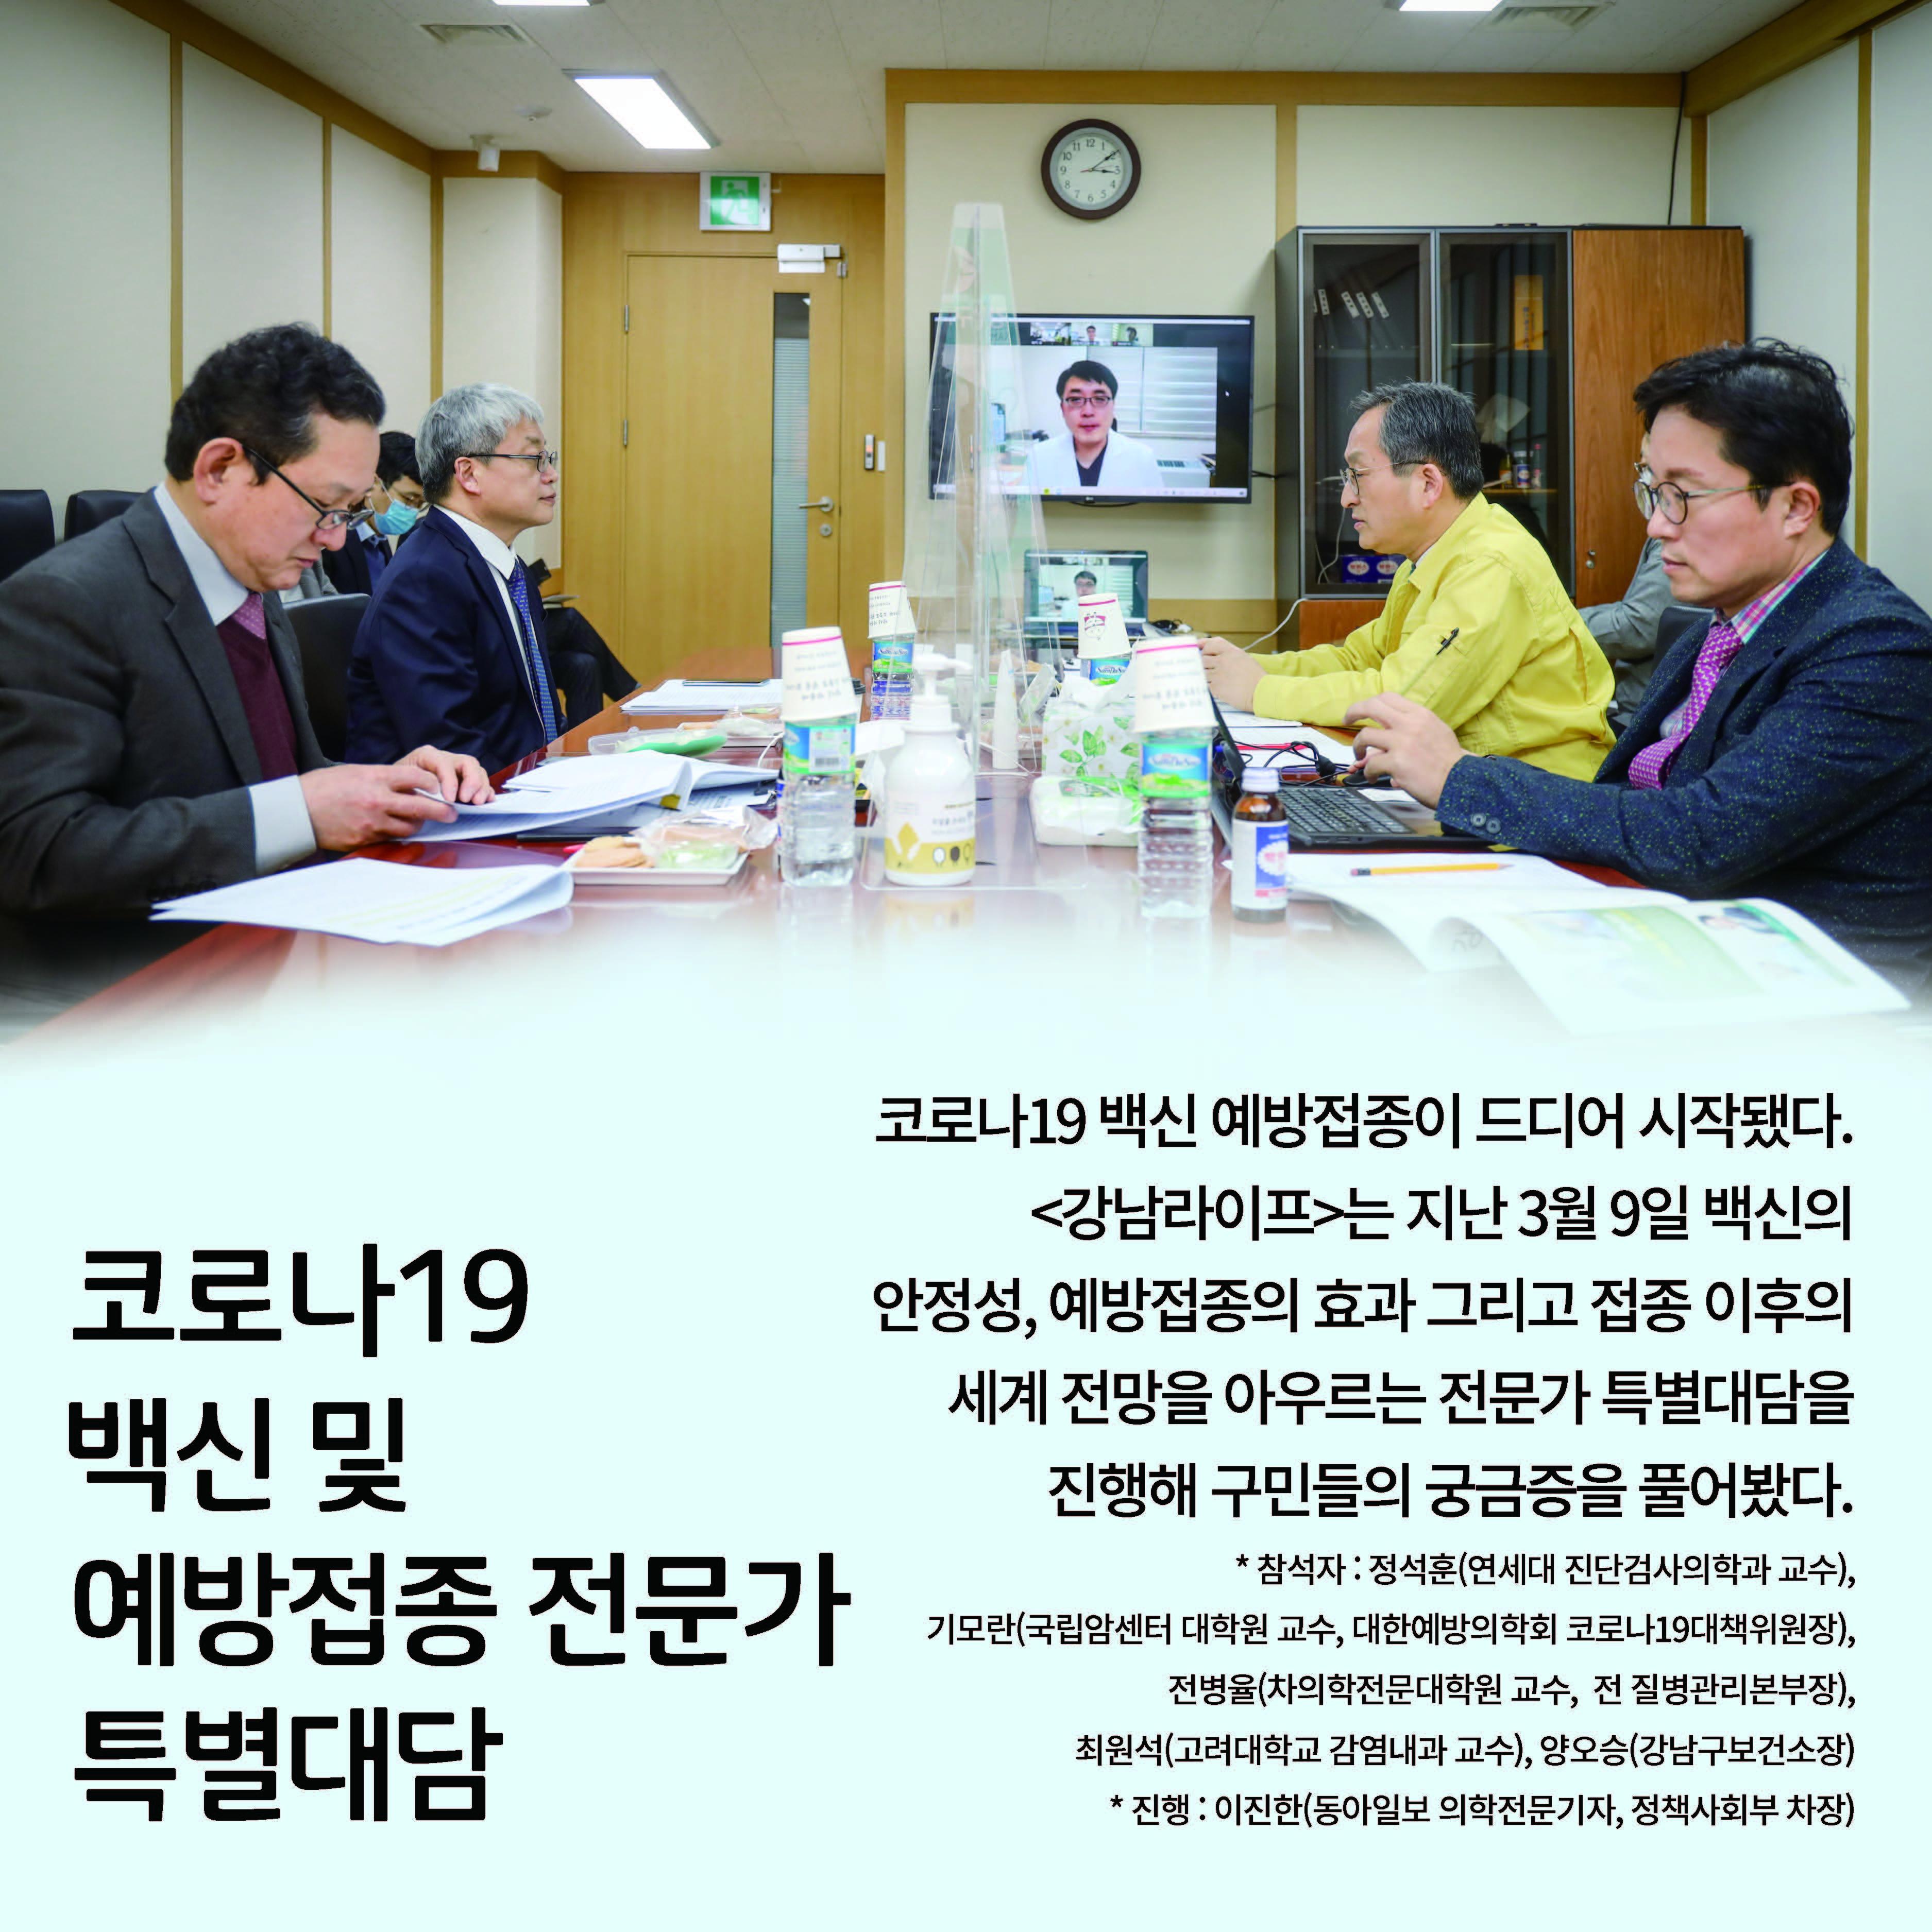 [카드뉴스] 코로나19 백신·예방접종 전문가 특별대담